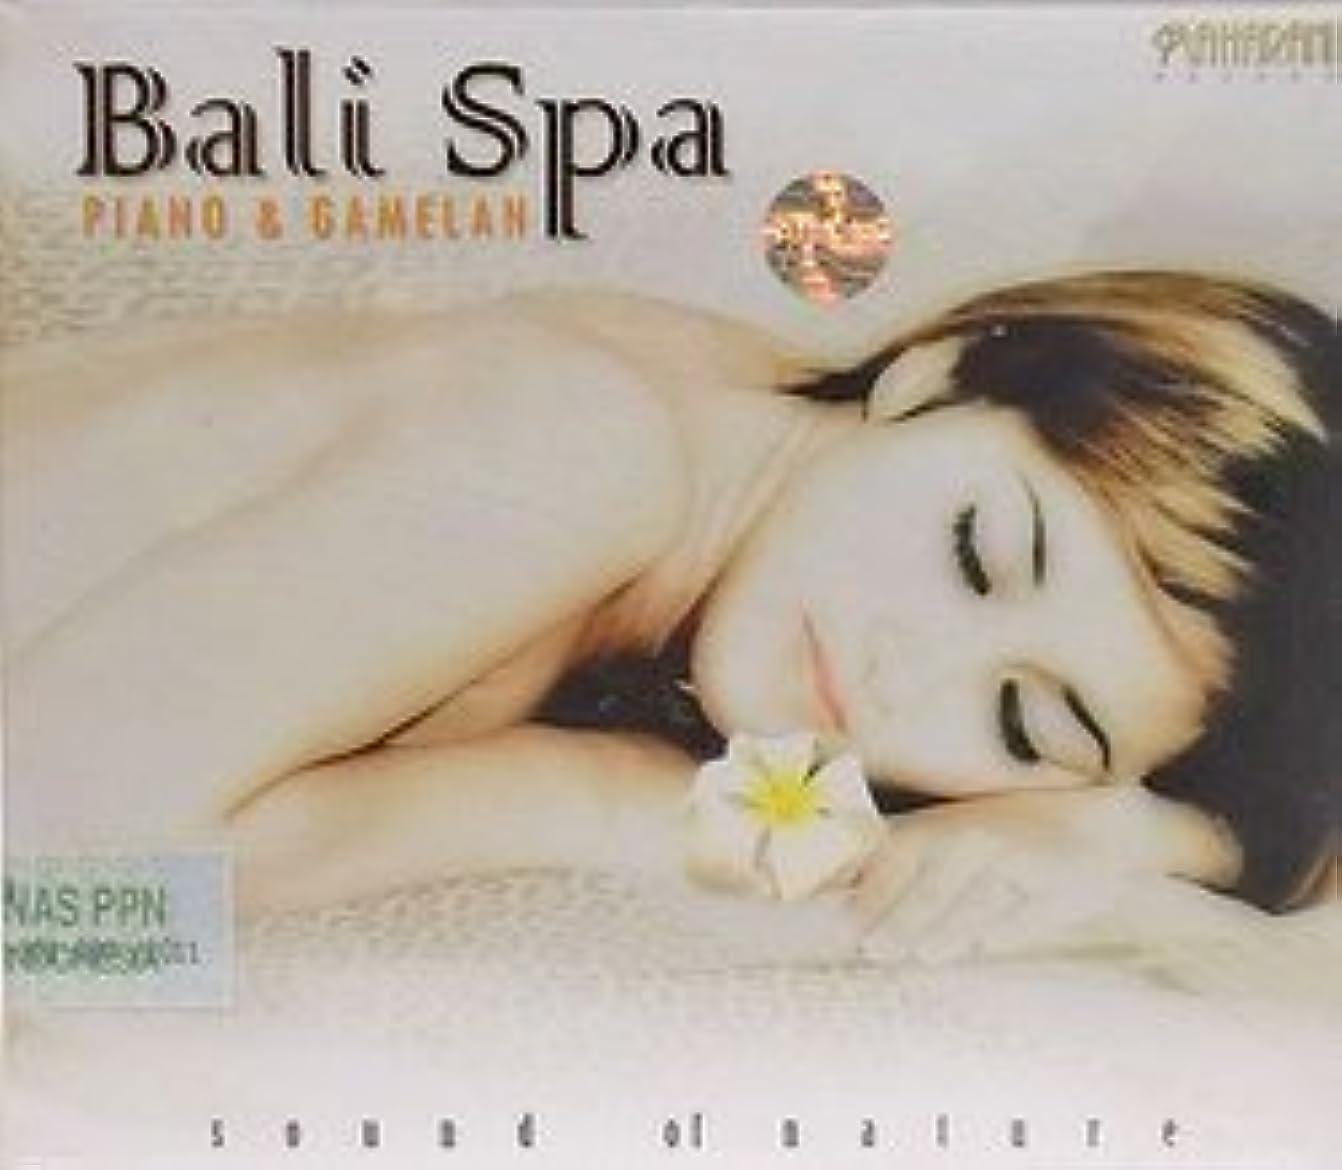 クレデンシャルツールパック癒しのバリミュージック 『Bali Spa PIANO&GAMELAN』 バリ雑貨 癒し系CD ヒーリングミュージック